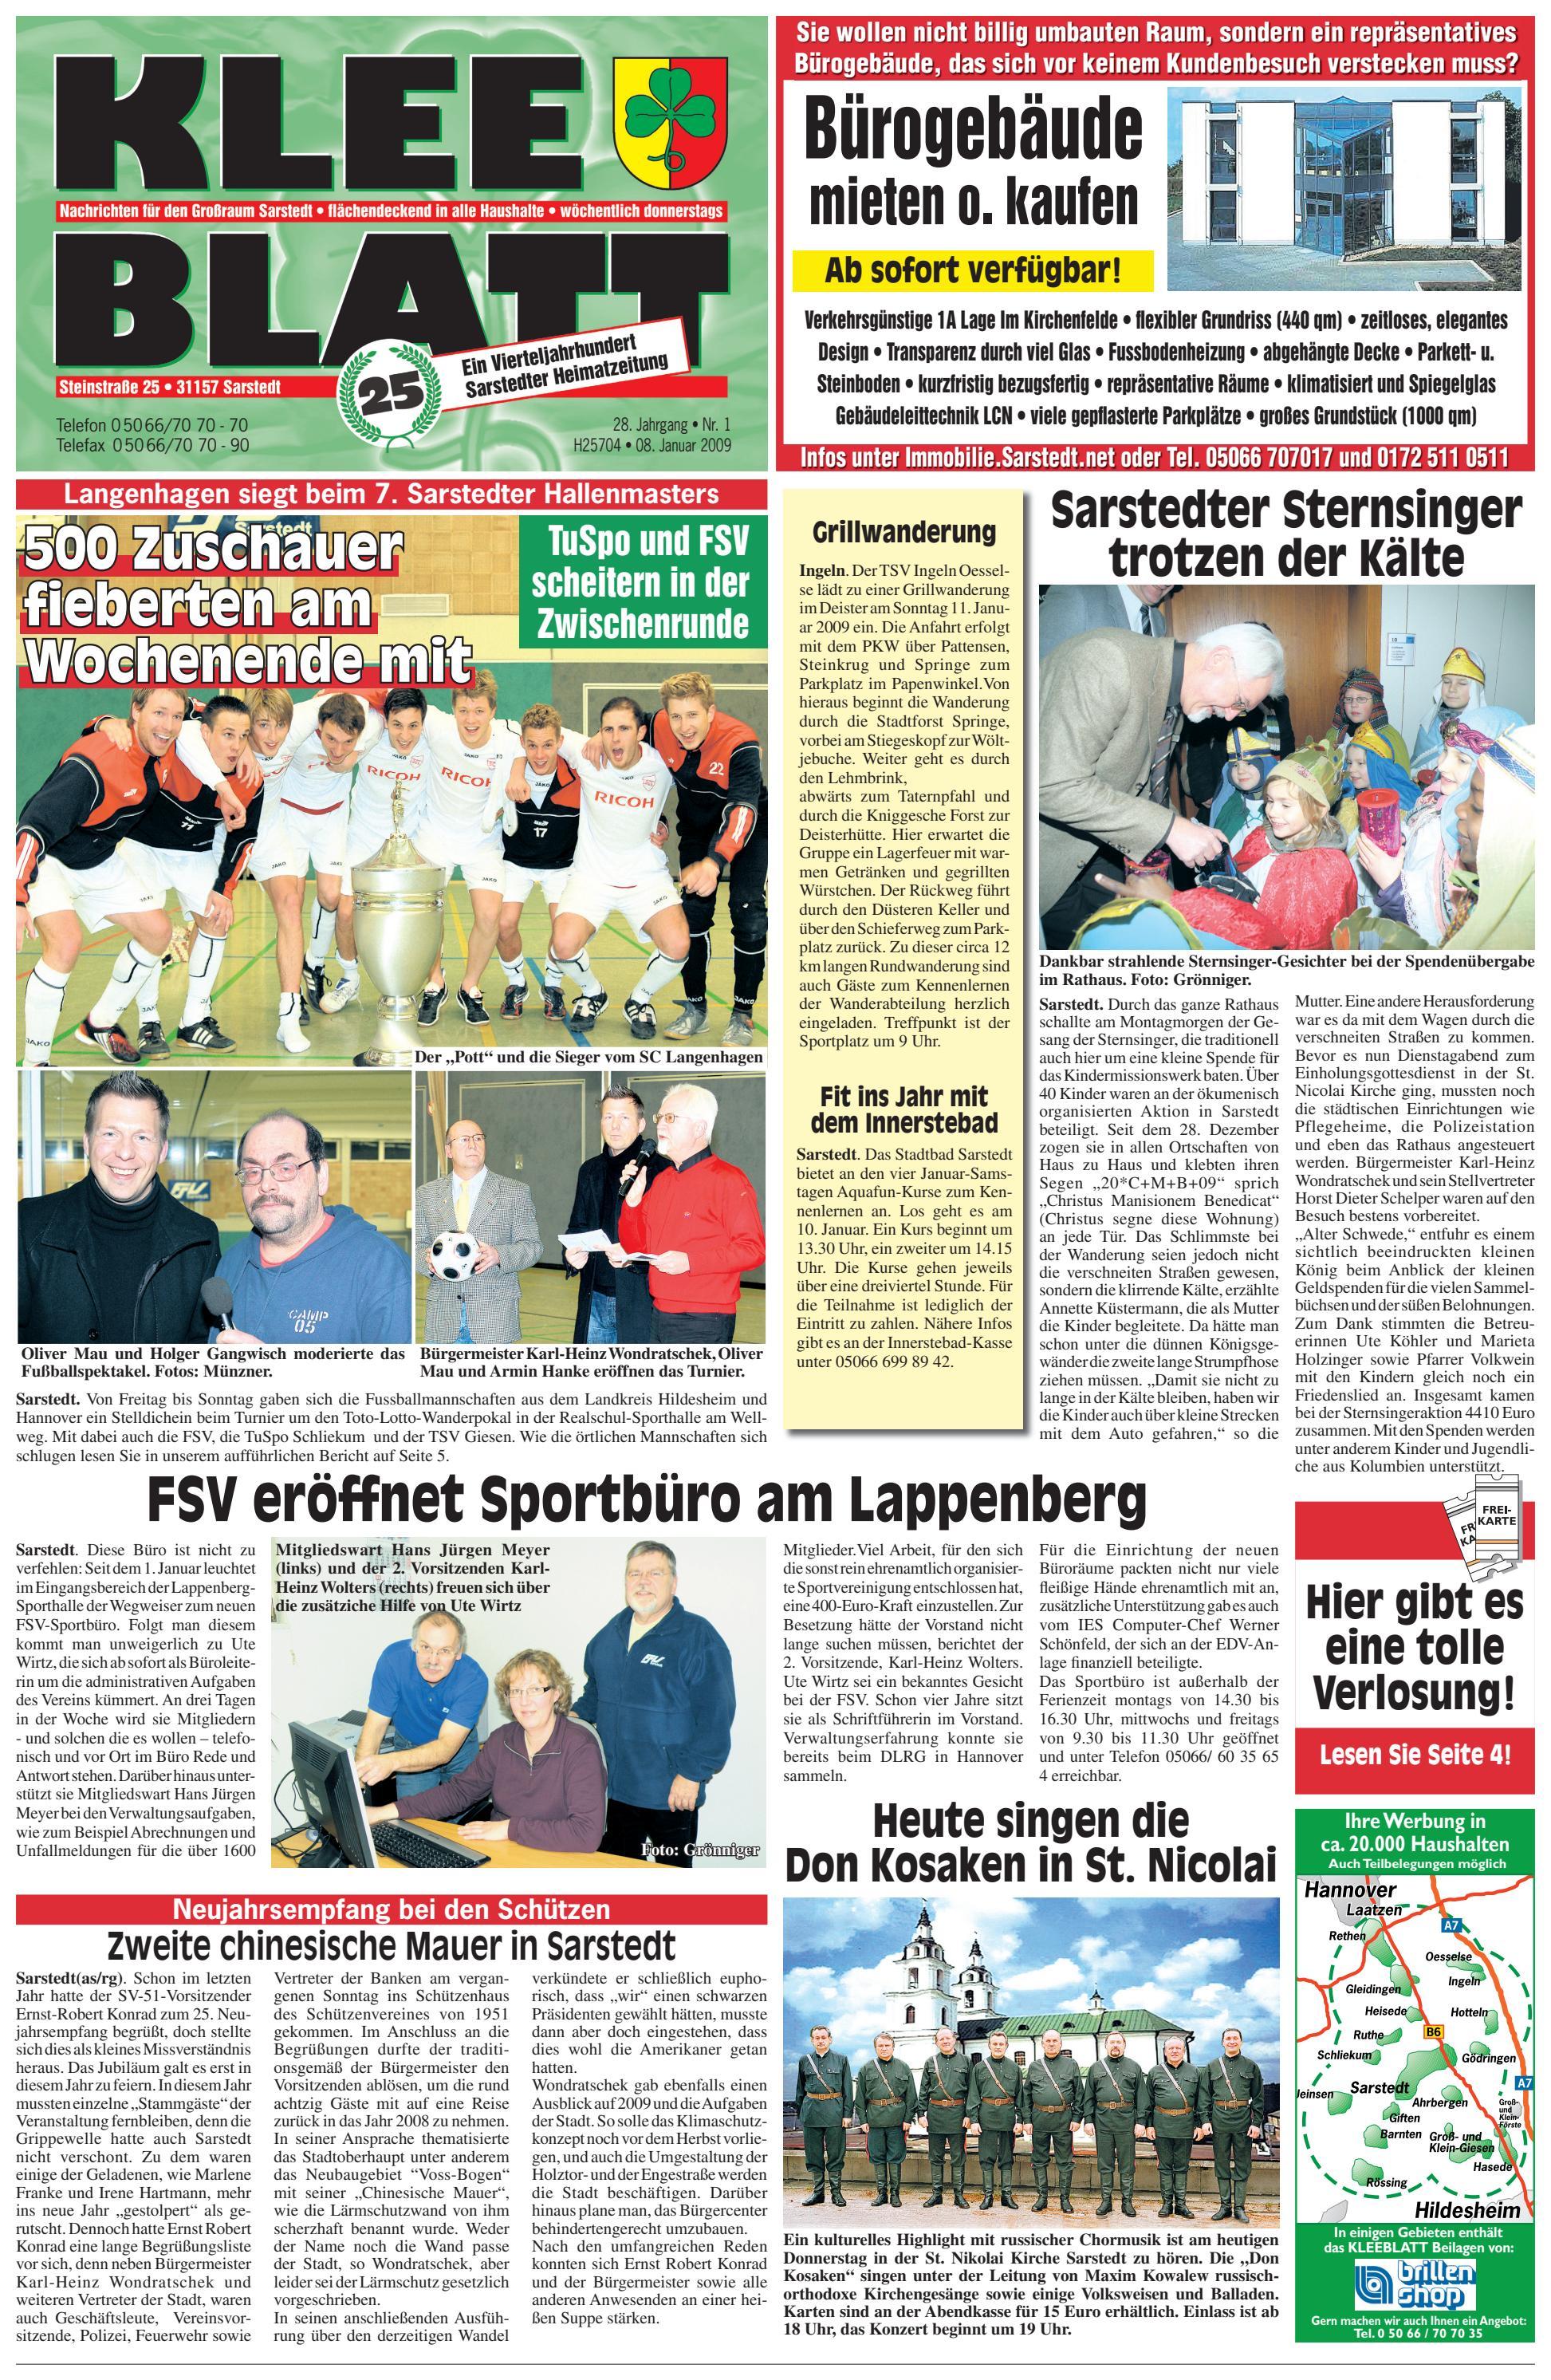 Kleeblatt 08 01 2009 By Kleeblatt Verlag Issuu